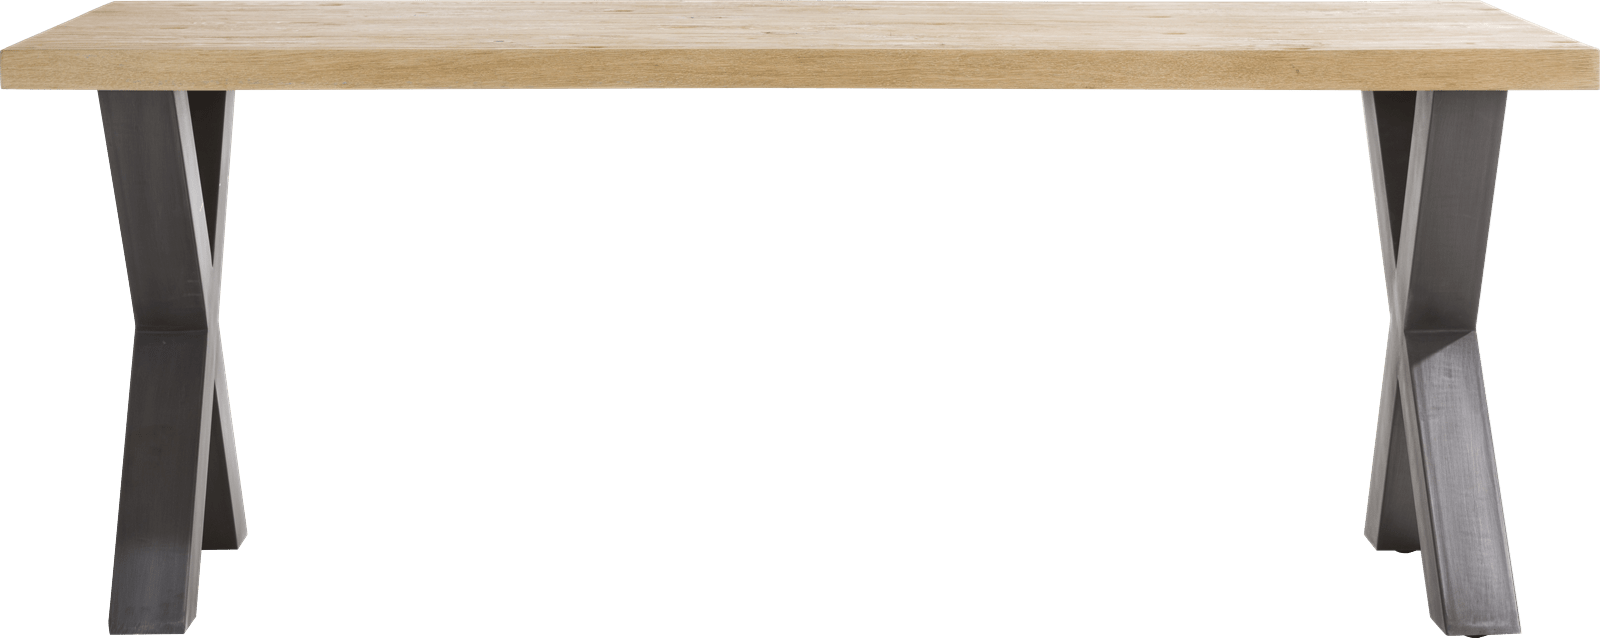 Henders & Hazel - Metalox - Industrie - tisch 200 x 100 cm